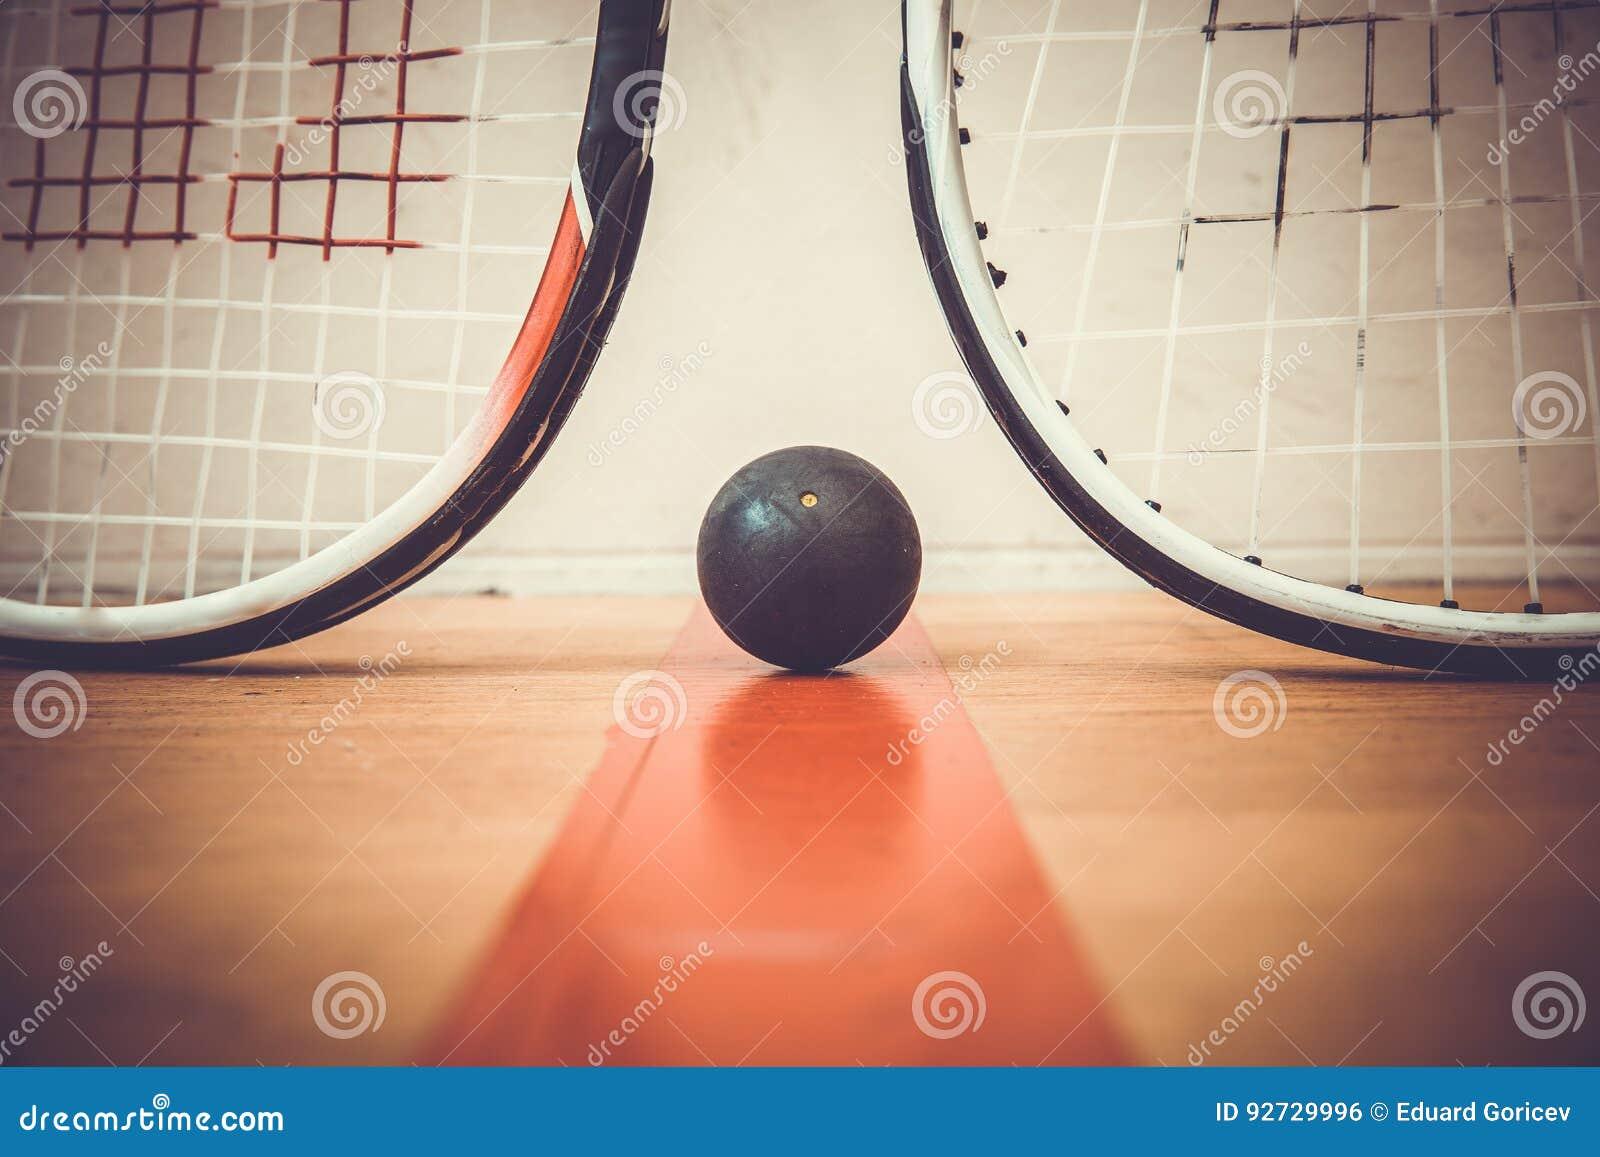 Bola de polpa entre duas raquetes de polpa